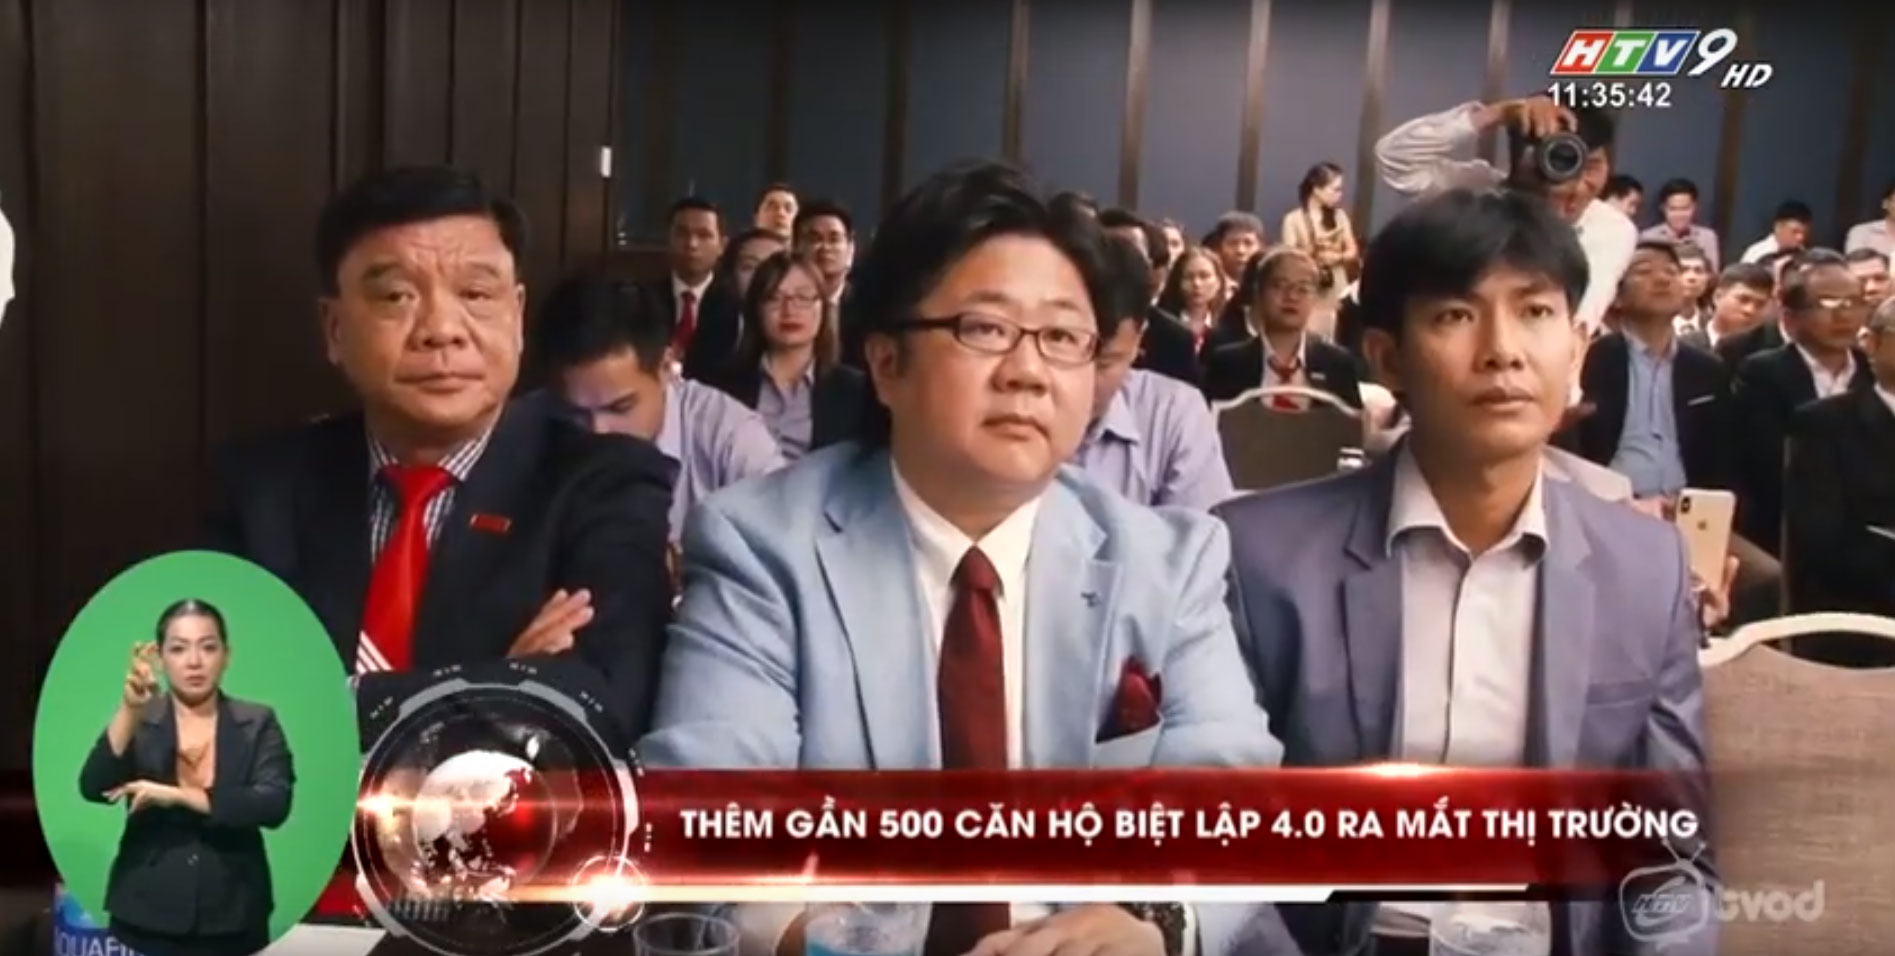 HTV9 đưa tin về Lễ ký kết hợp tác và phát triển khu căn hộ biệt lập 4.0 Happy One 2